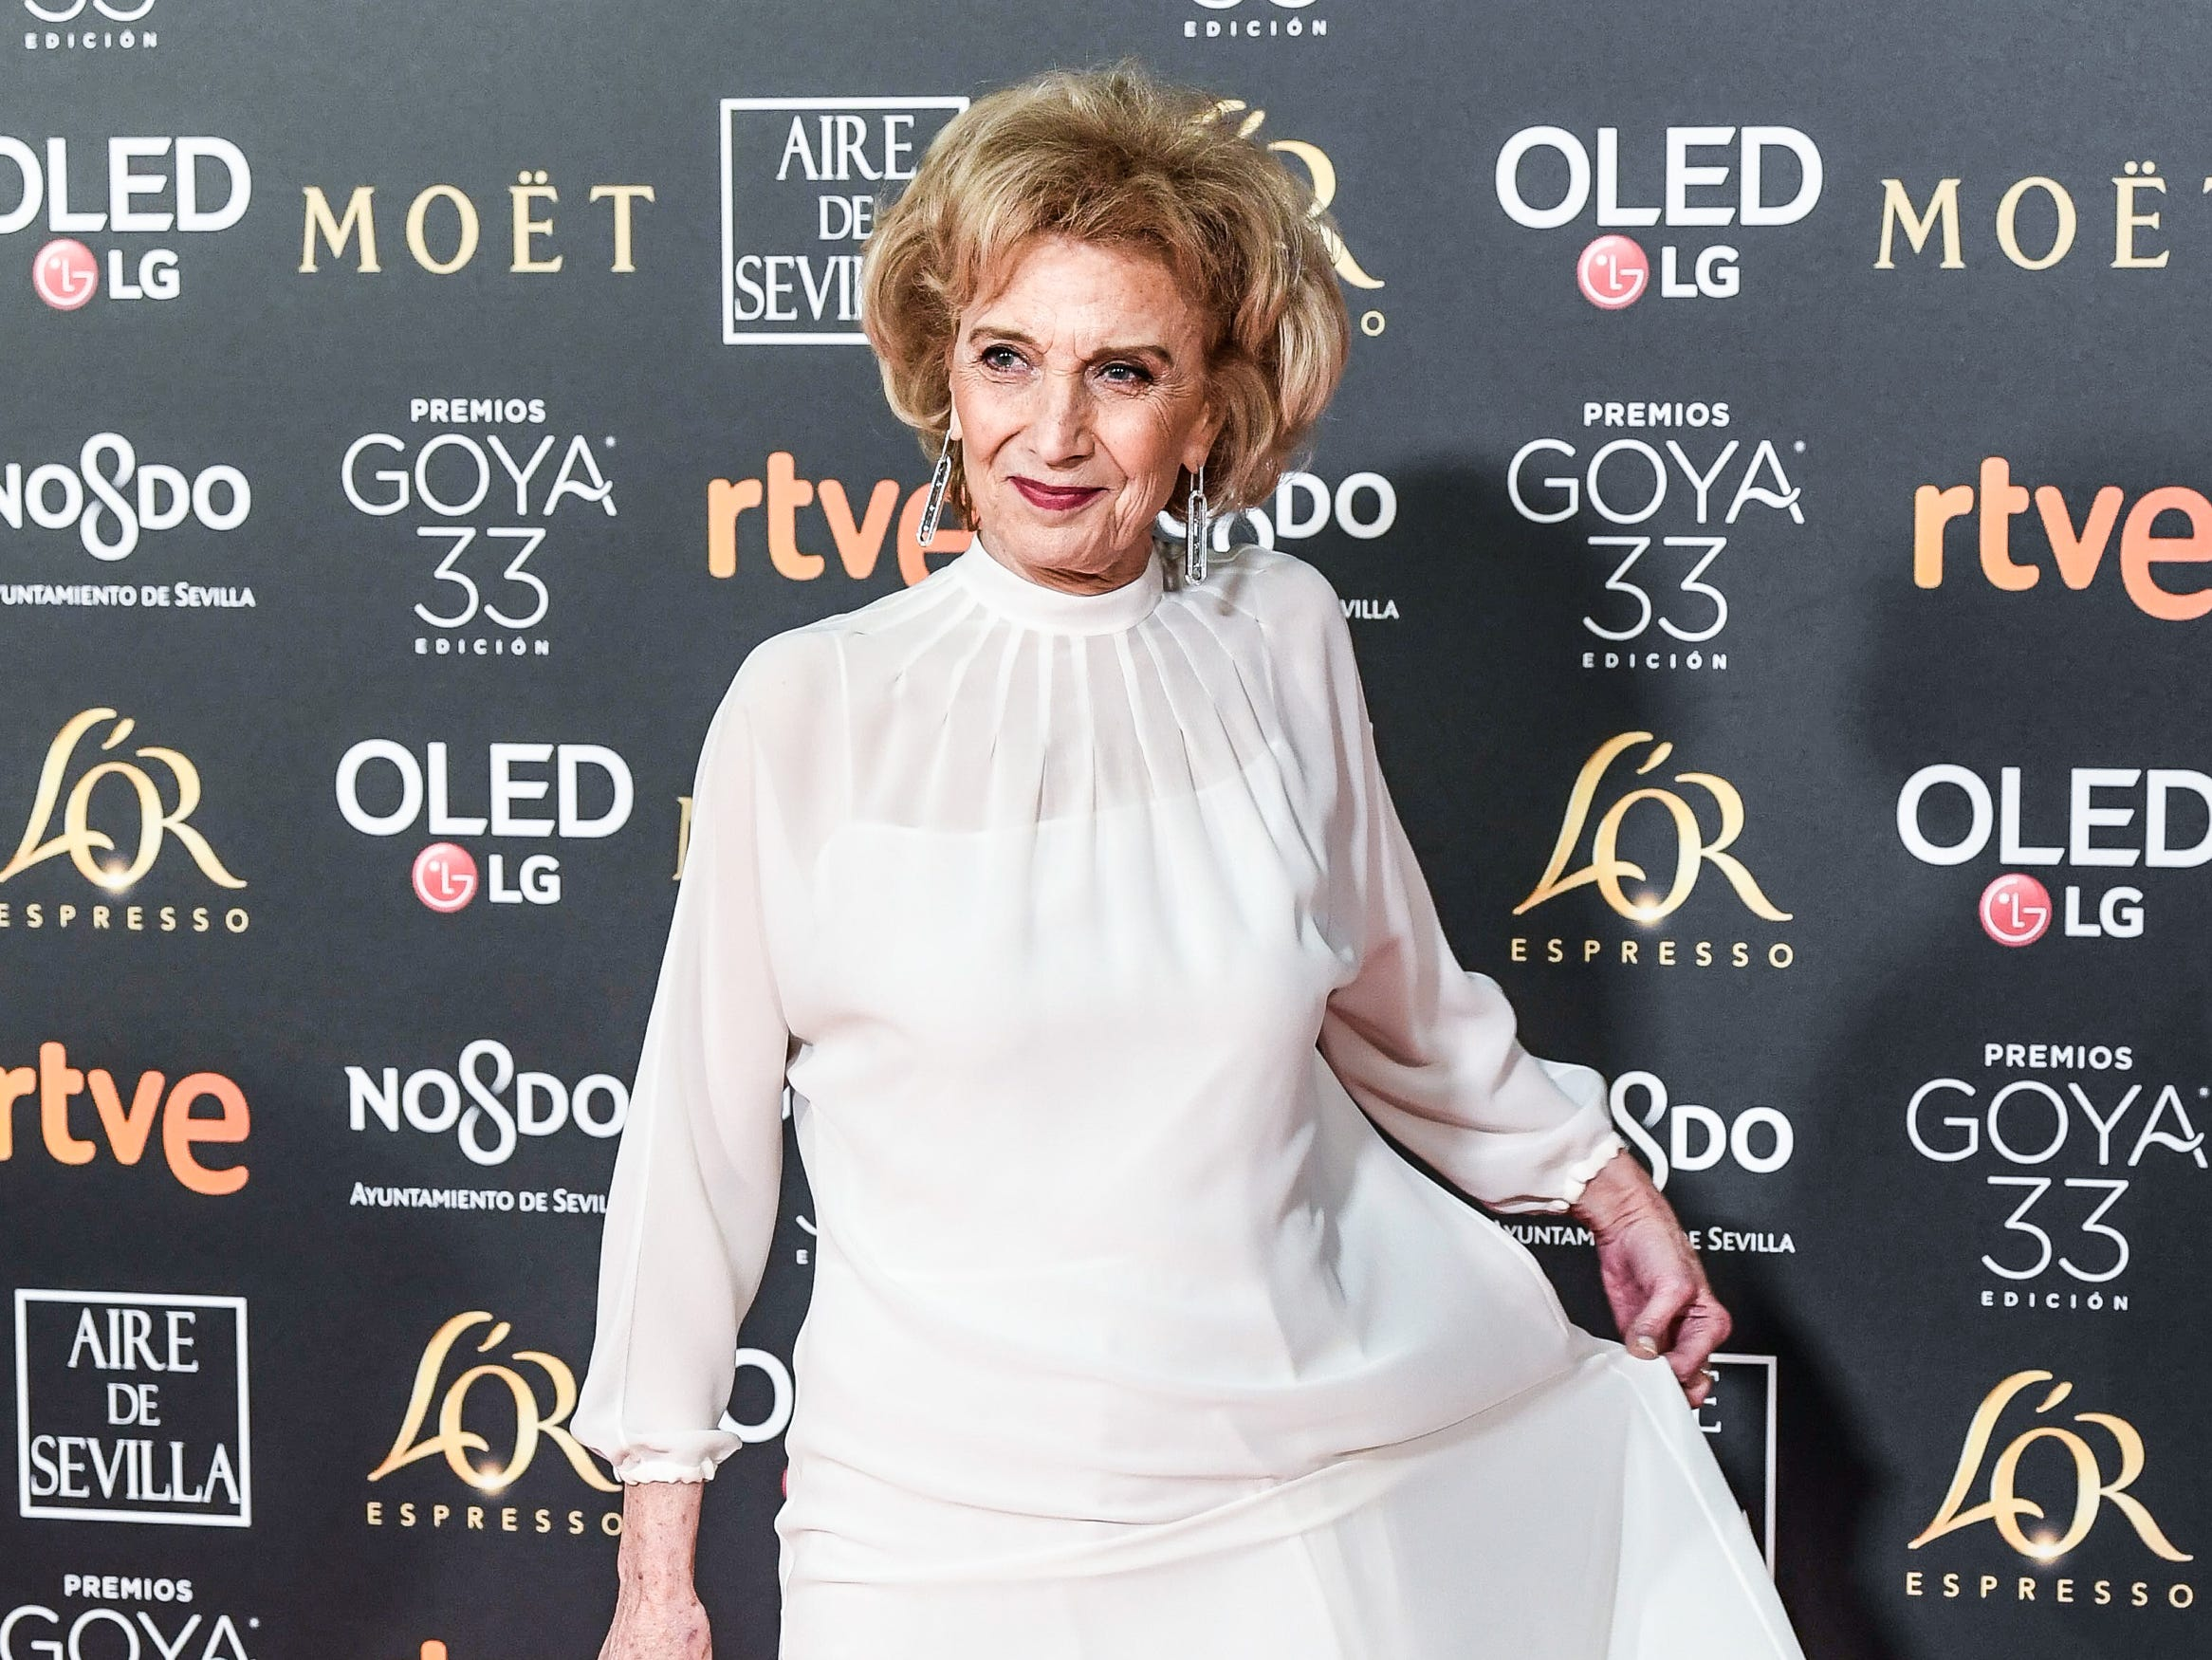 Marisa Paredes asiste a la 33ª edición de los Premios de Cine Goya en el Palacio de Congresos y Exposiciones FIBES el 2 de febrero de 2019 en Sevilla, España.